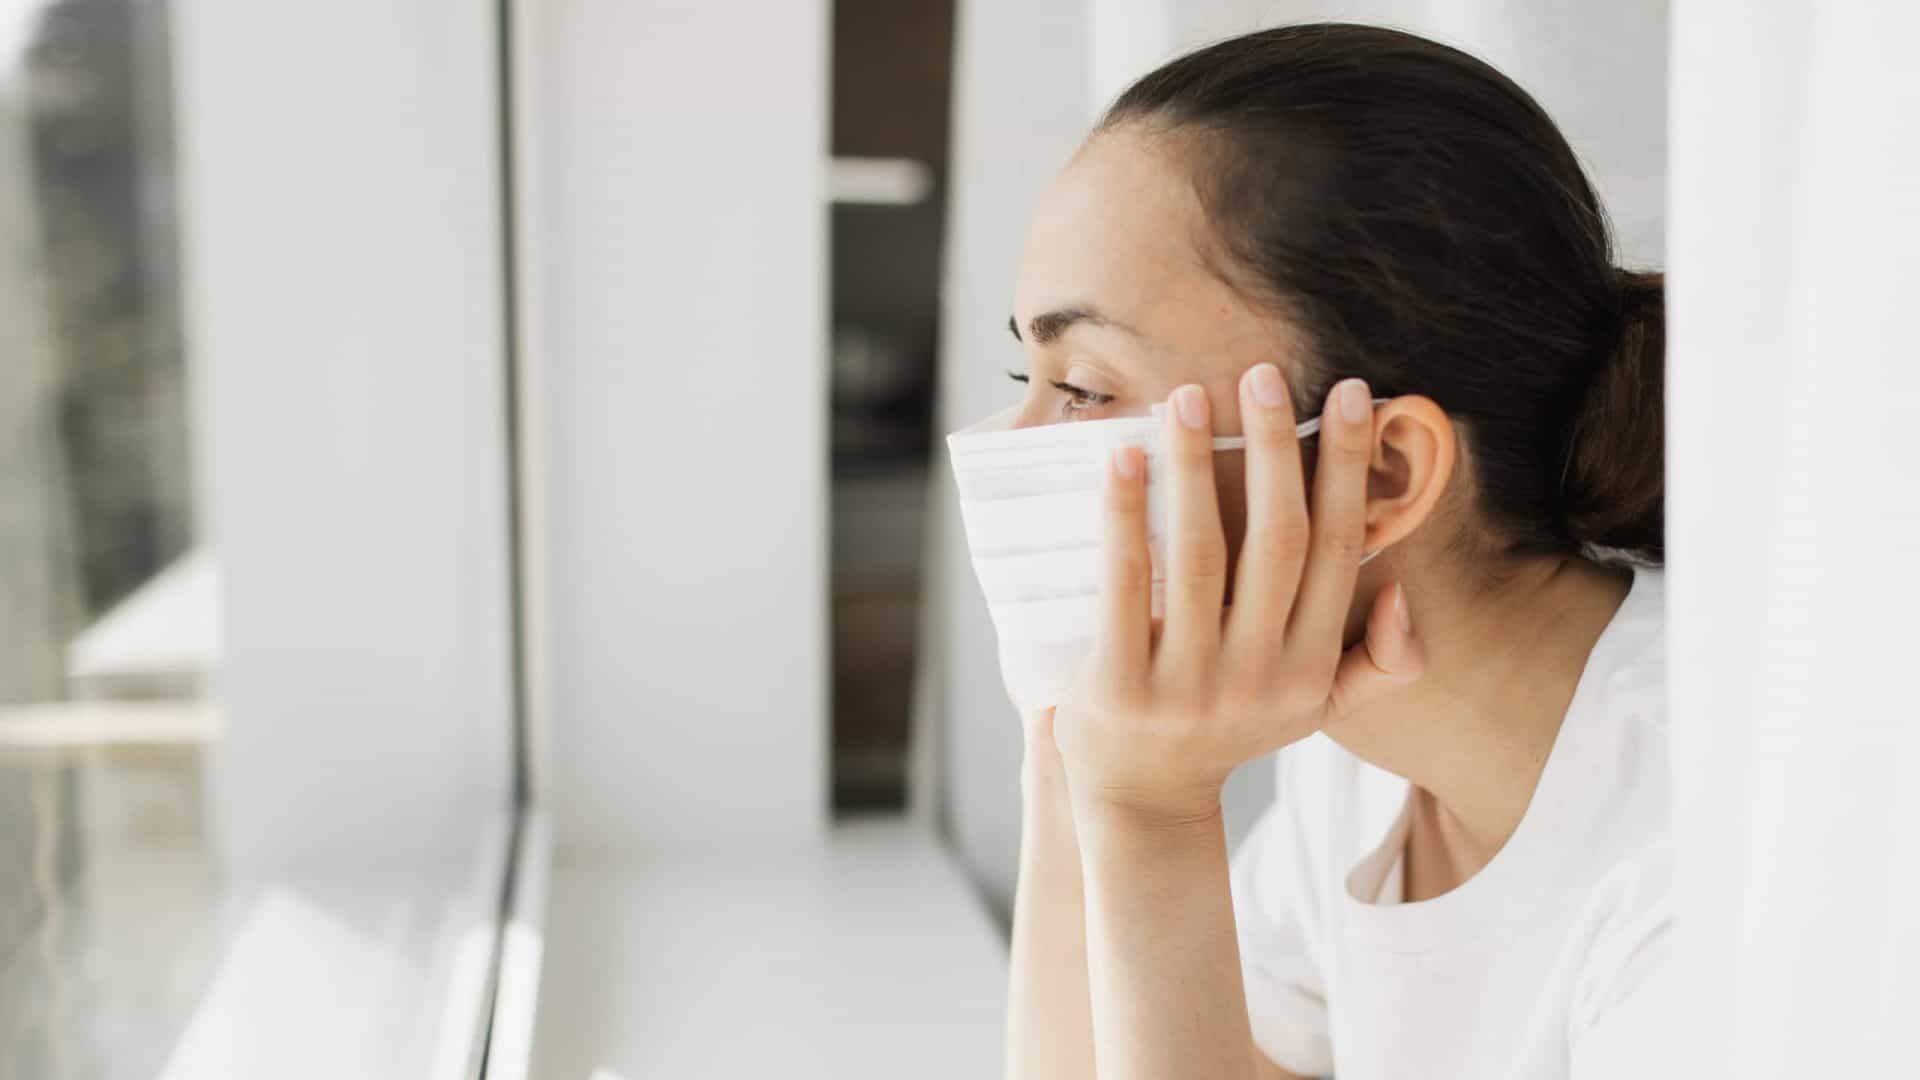 Isolamento atinge níveis mais baixos desde início da pandemia, diz estudo